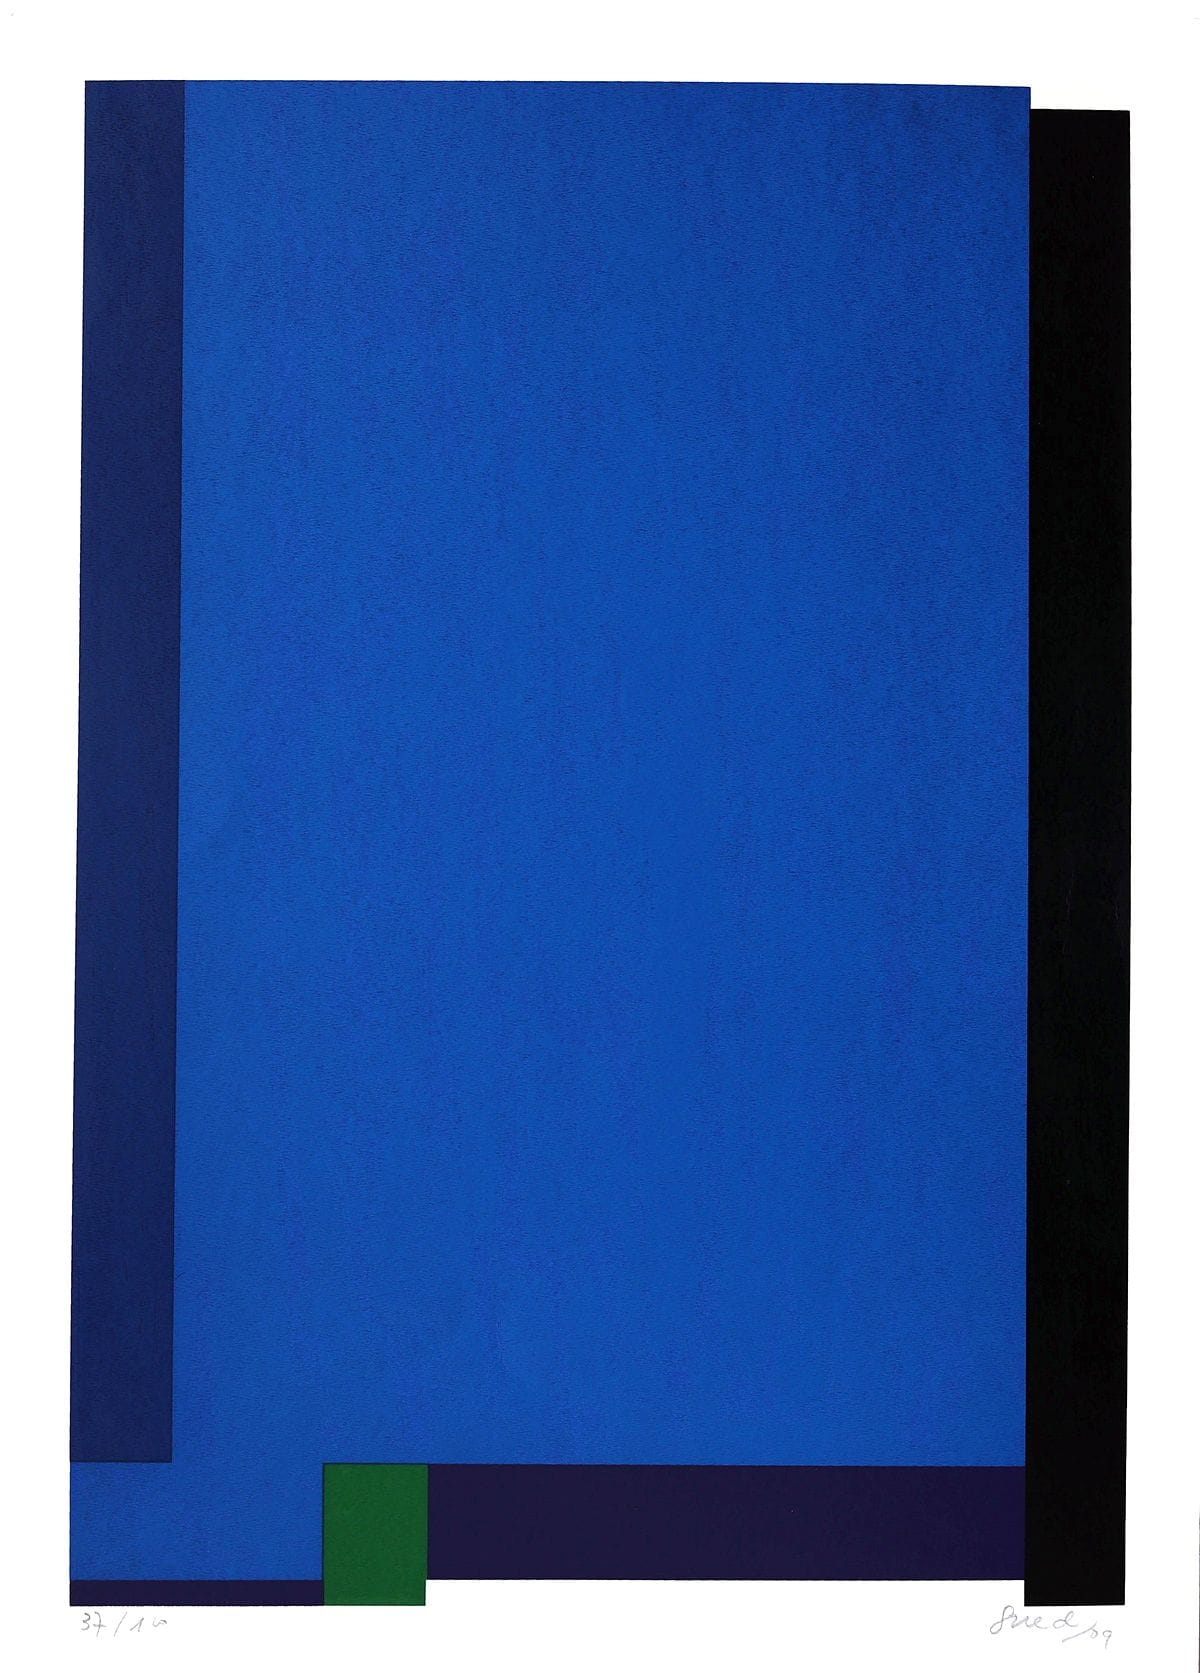 Abstração Geométrica em Azul I